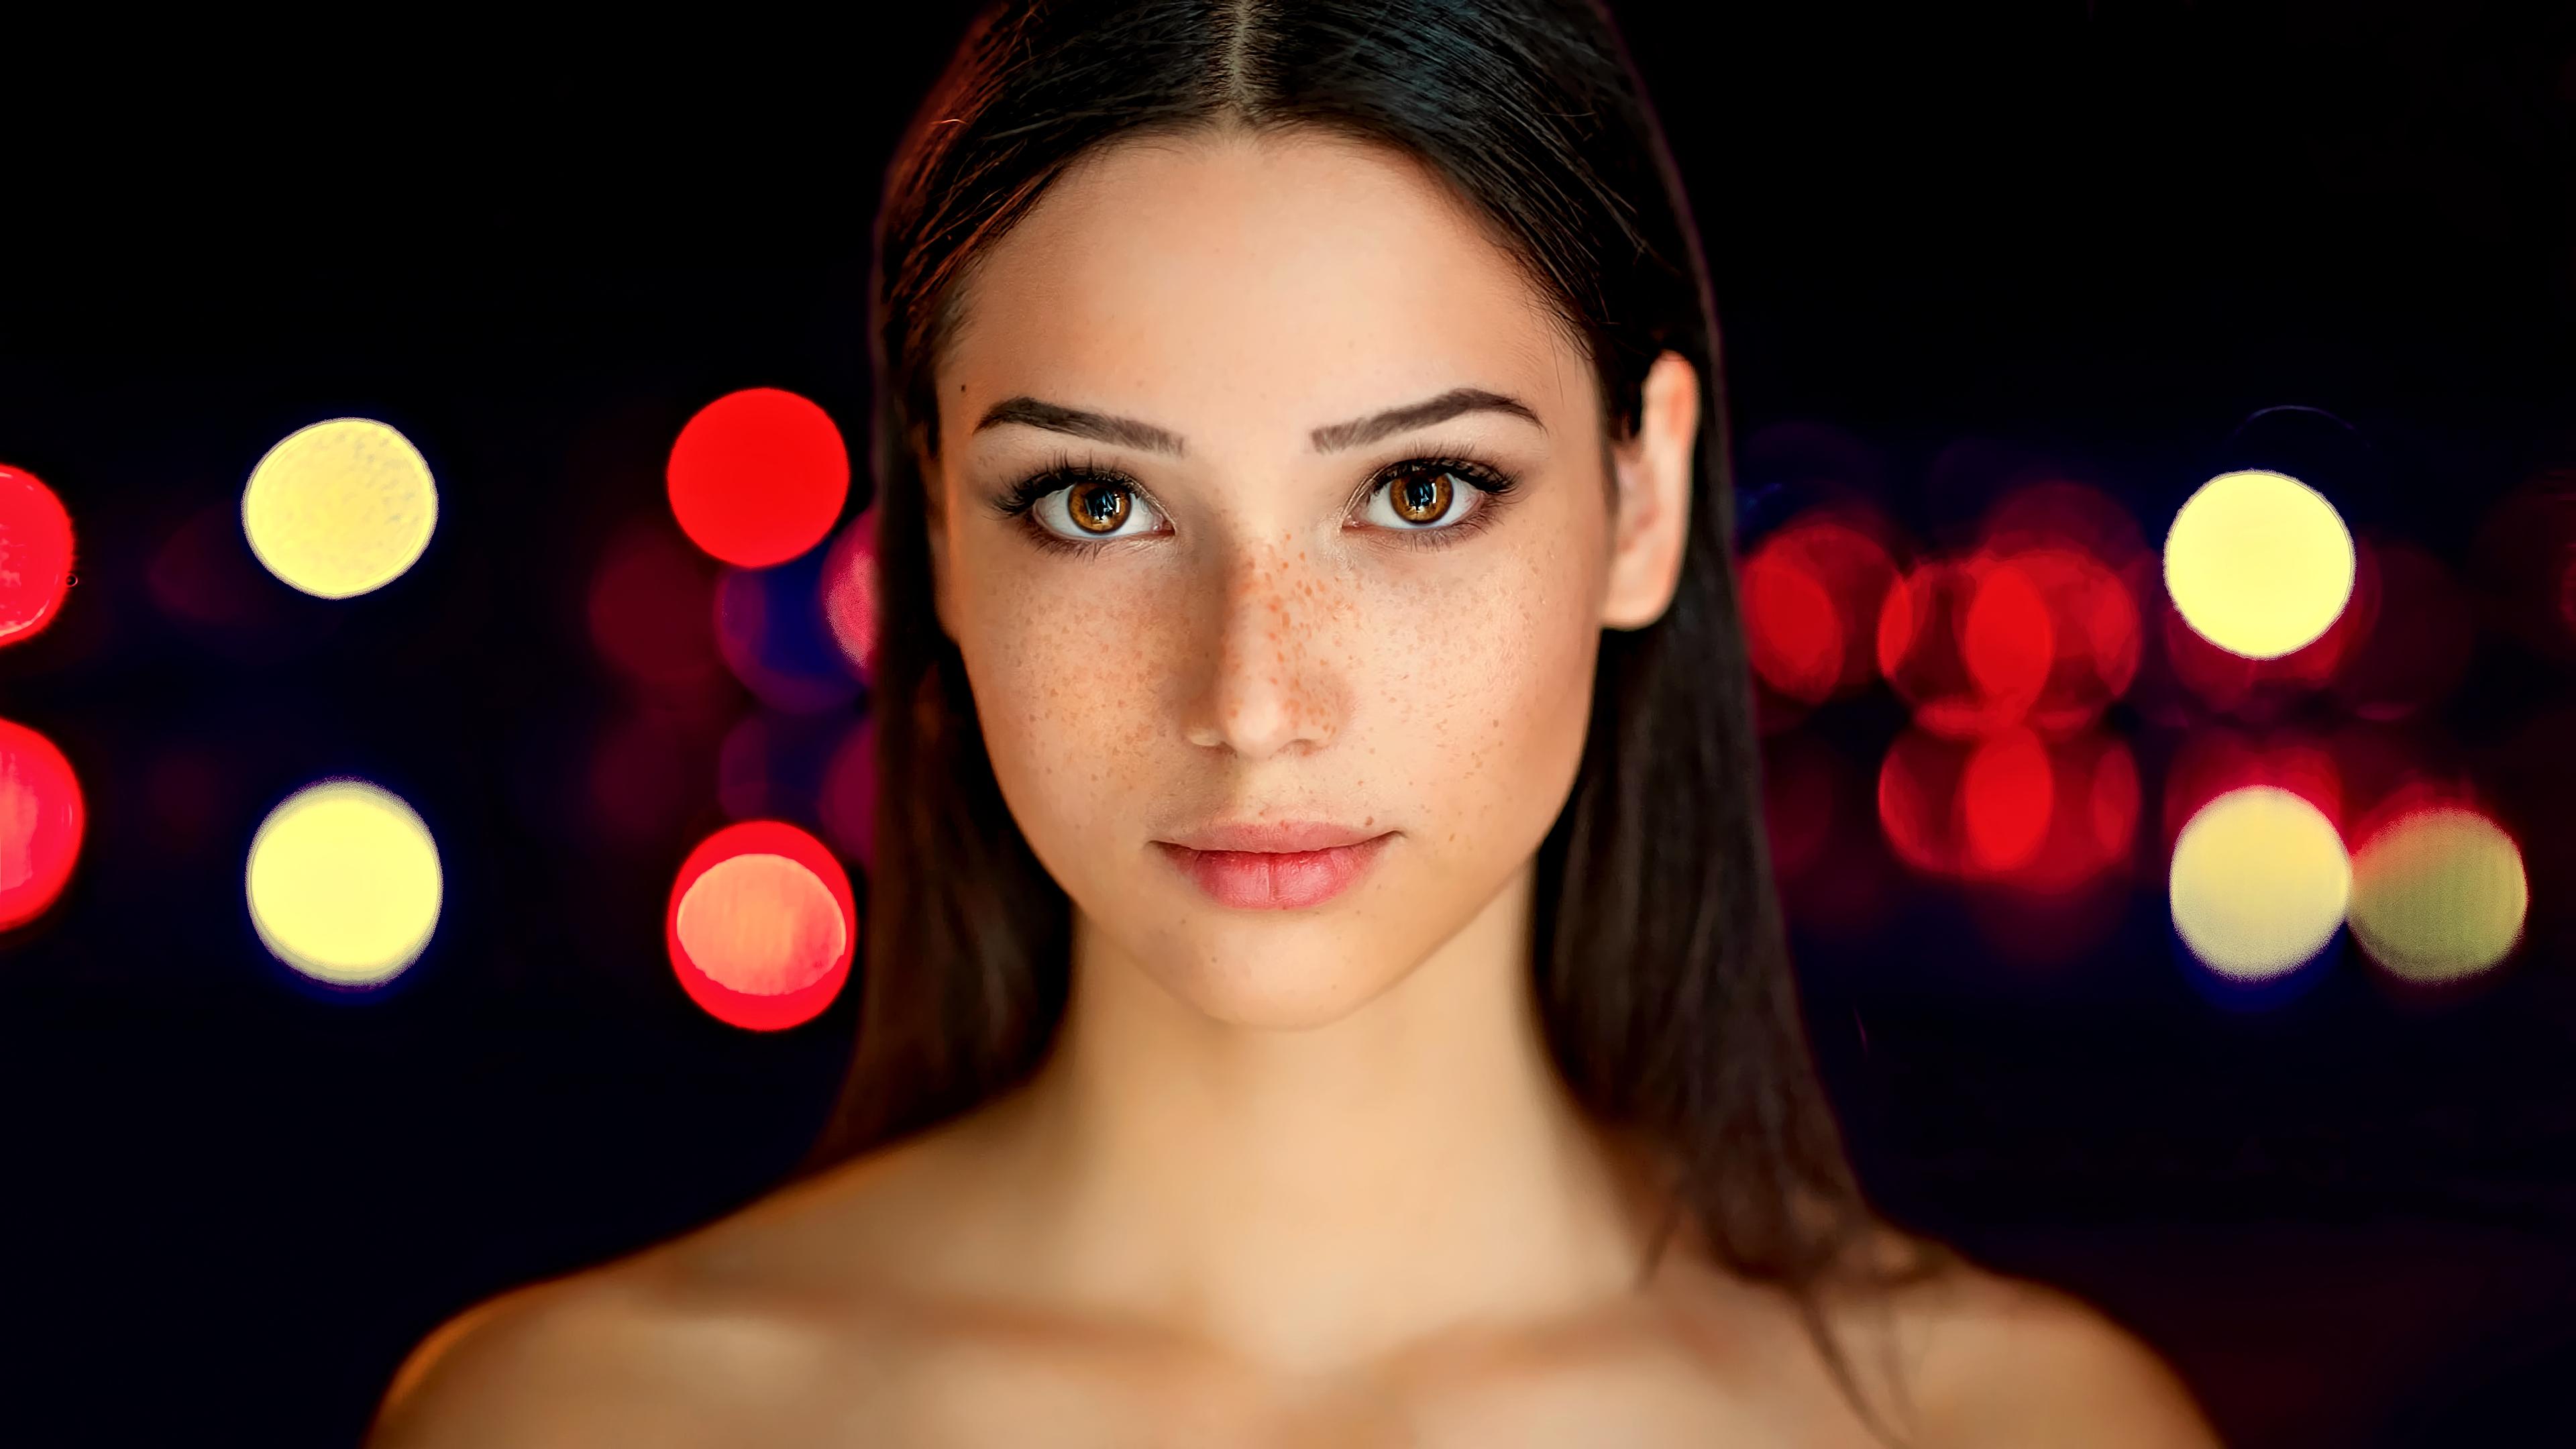 mariya volokh brunette freckles face long hair portrait women model